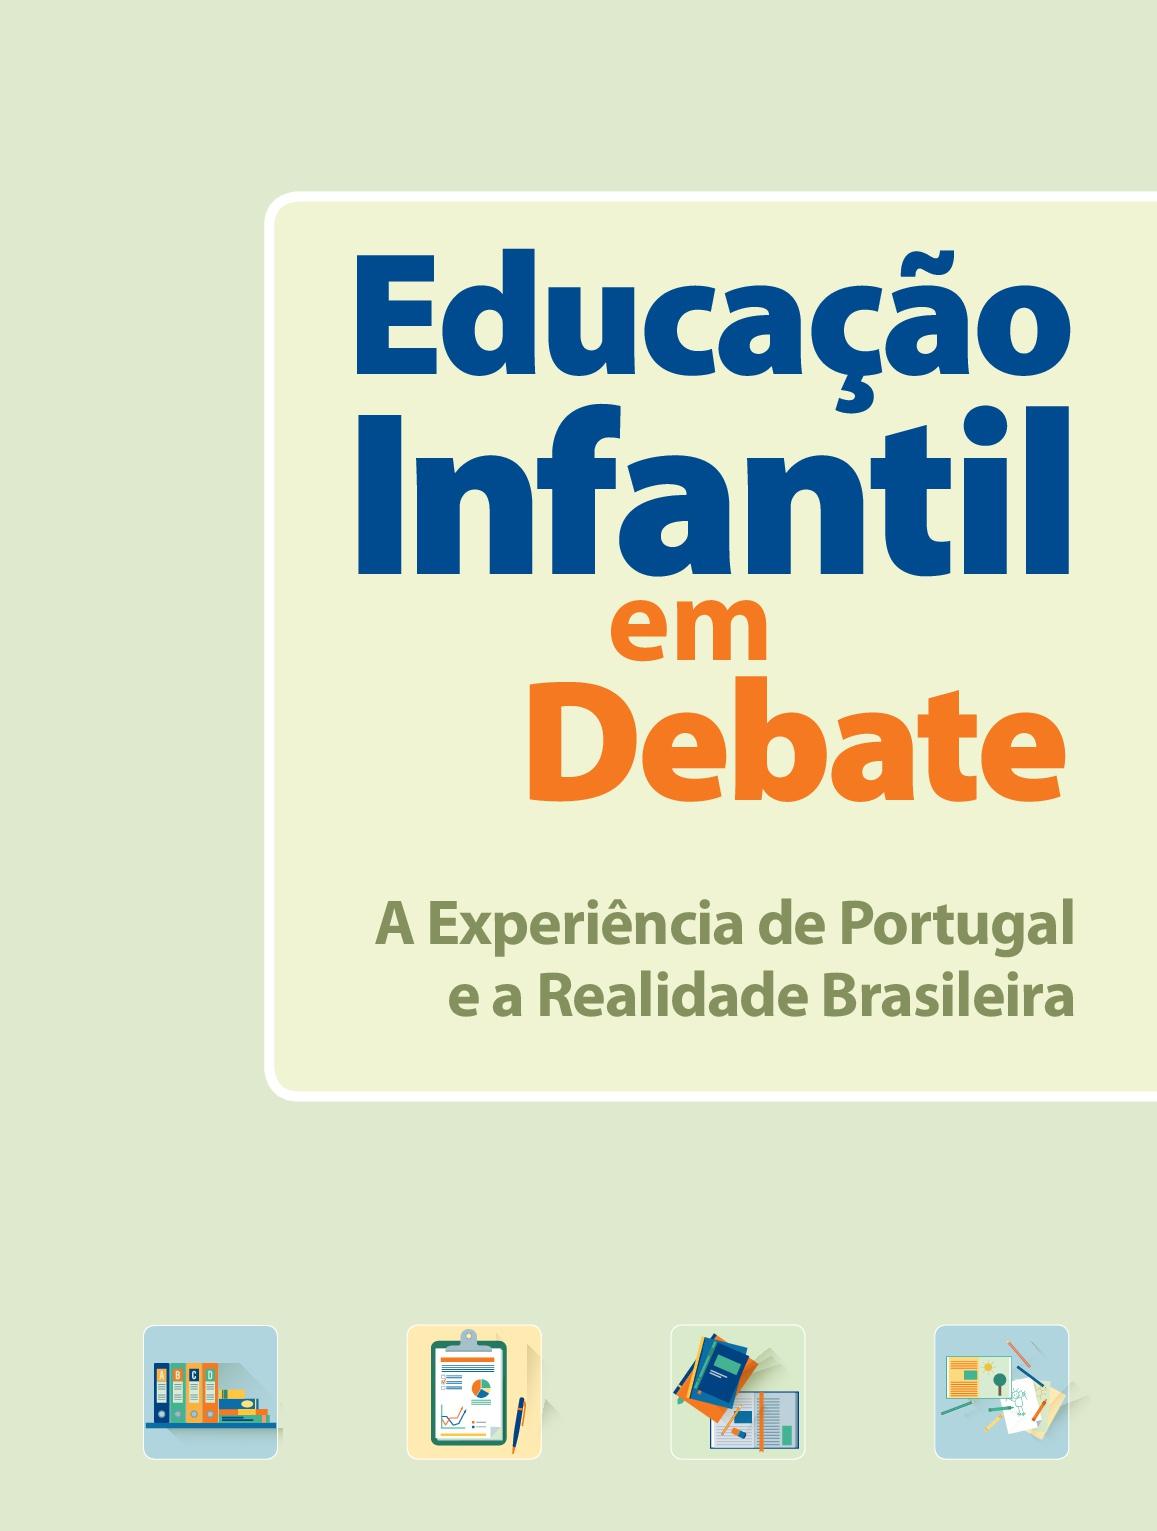 Educação infantil em debate: A expêriencia de Portugal e a realidade brasileira